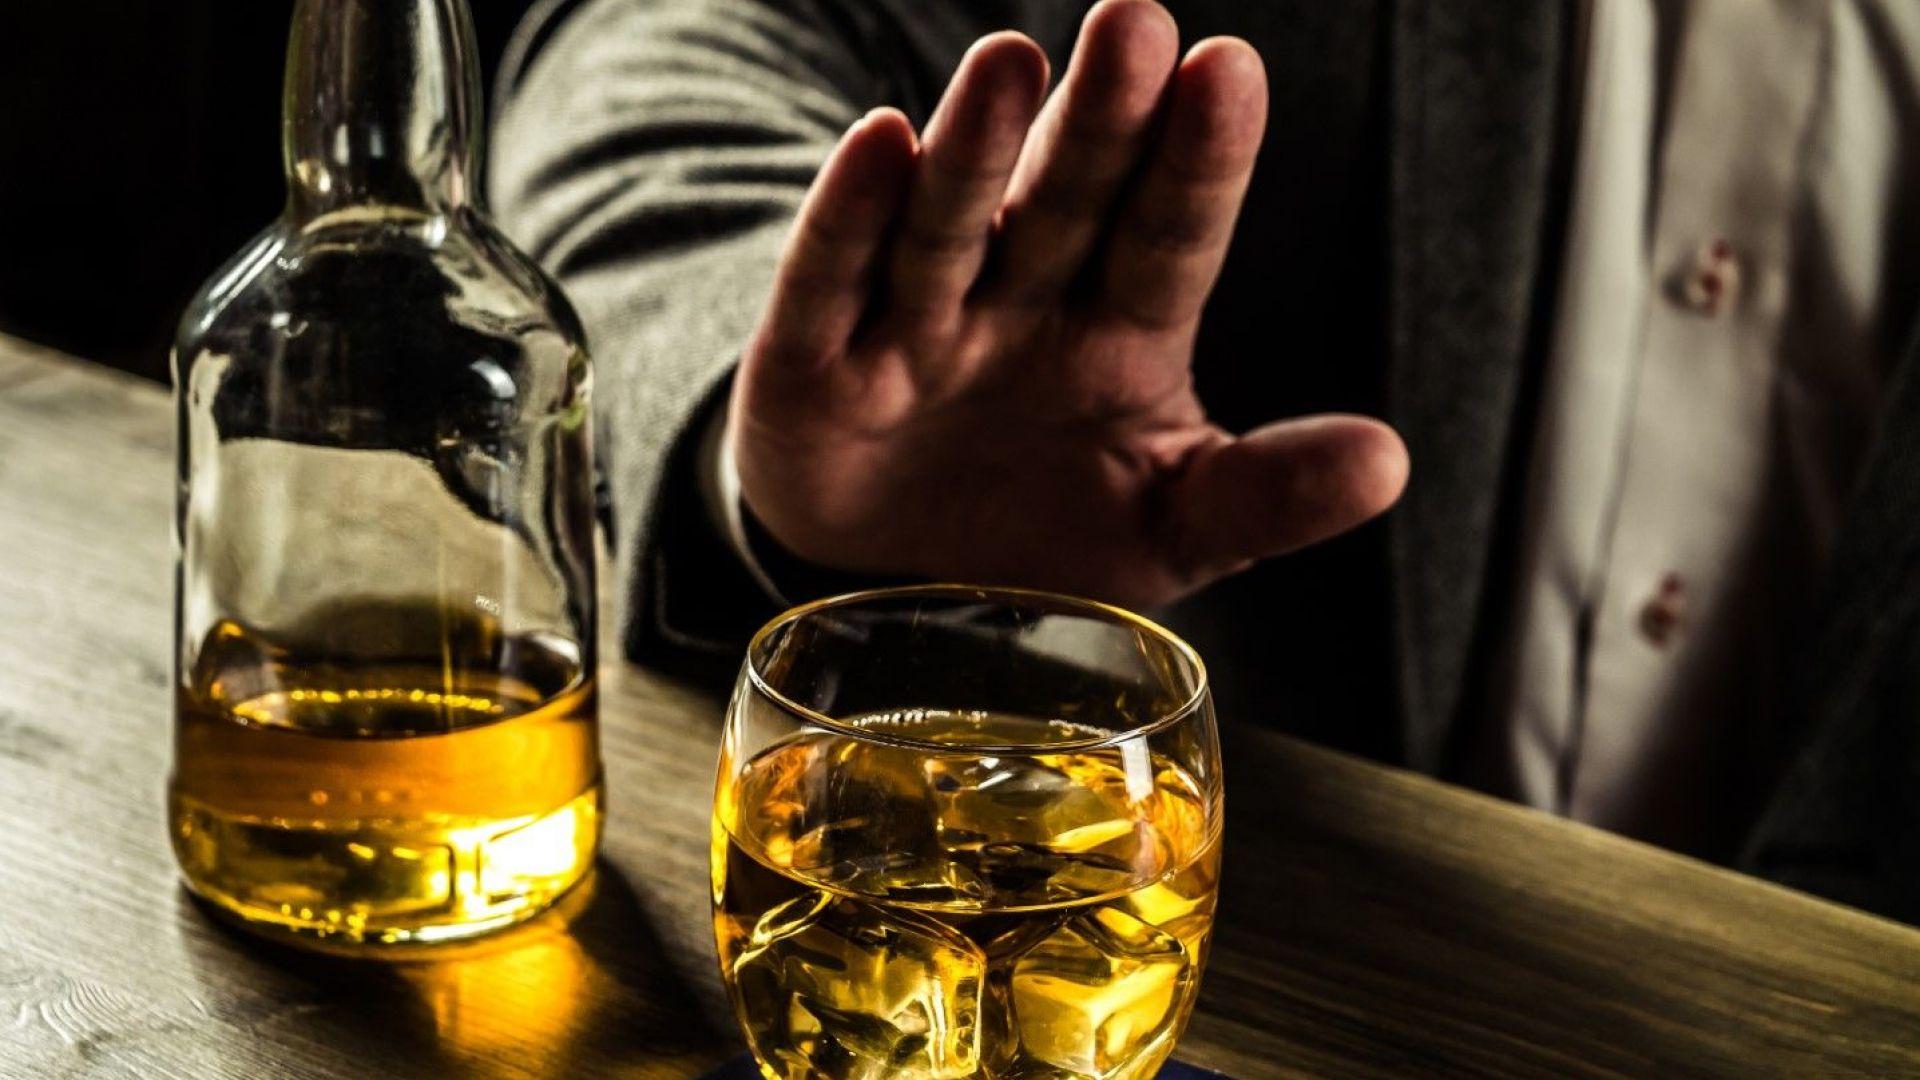 Учени предупредиха: Няма безопасно количество алкохол